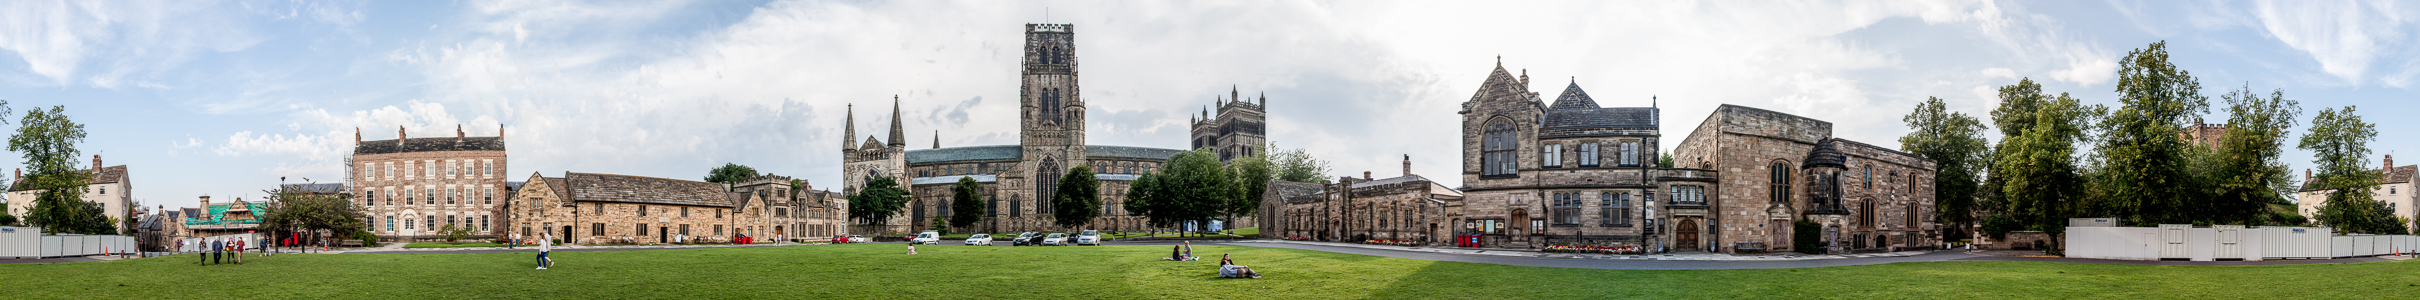 Durham Peninsula mit Durham Cathedral, Palace Green Library und Durham Castle